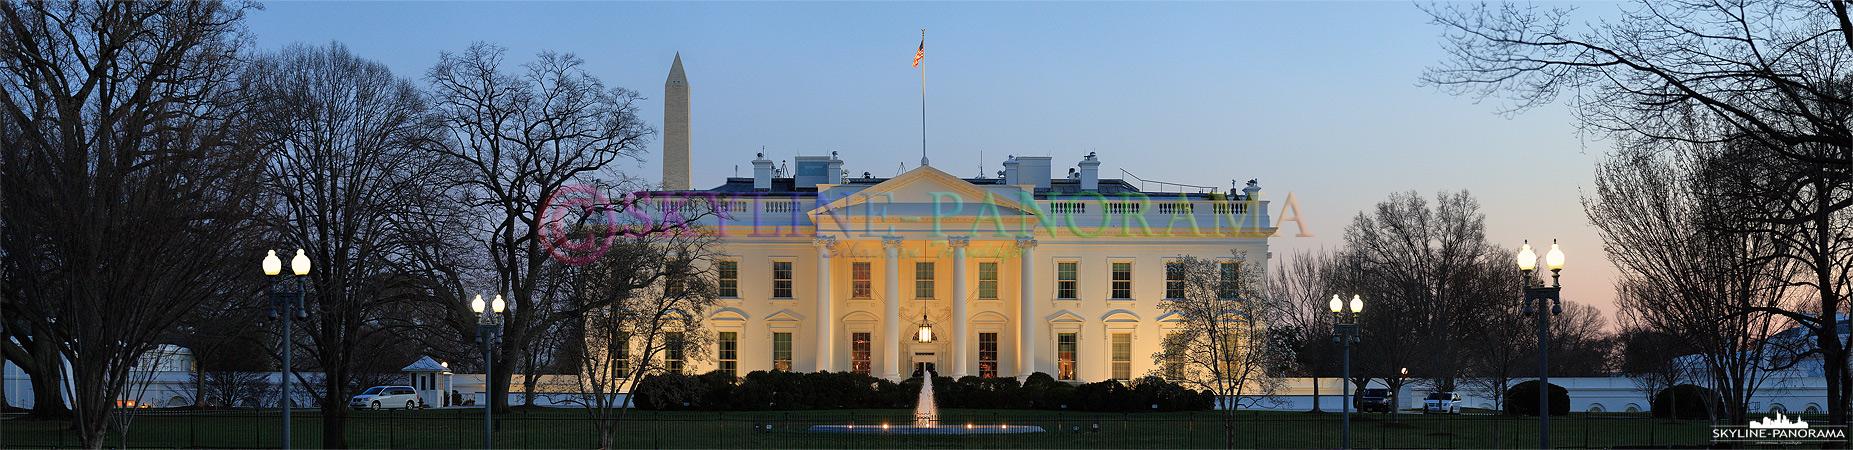 Washington am Abend - Abendliches Panorama der Vorderansicht des Weißen Hauses in Washington D.C.